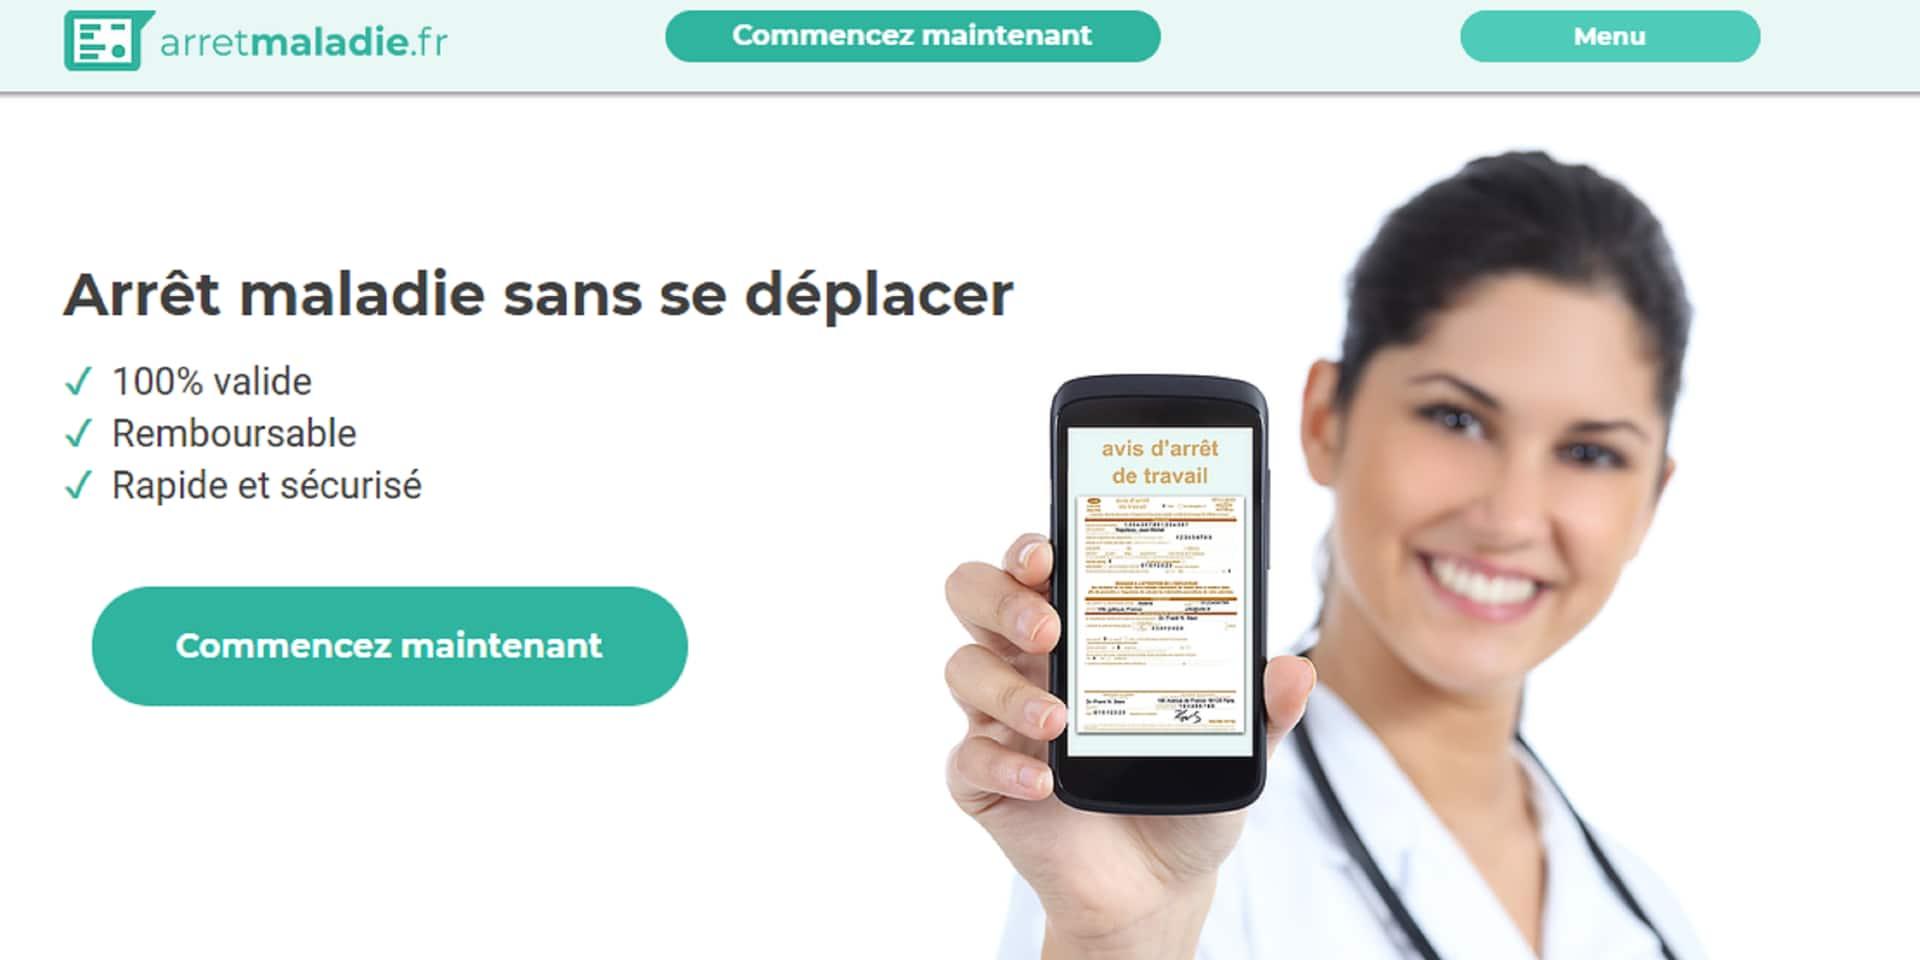 Un arrêt maladie obtenu sans aller chez le médecin? Un nouveau site internet fait polémique en France